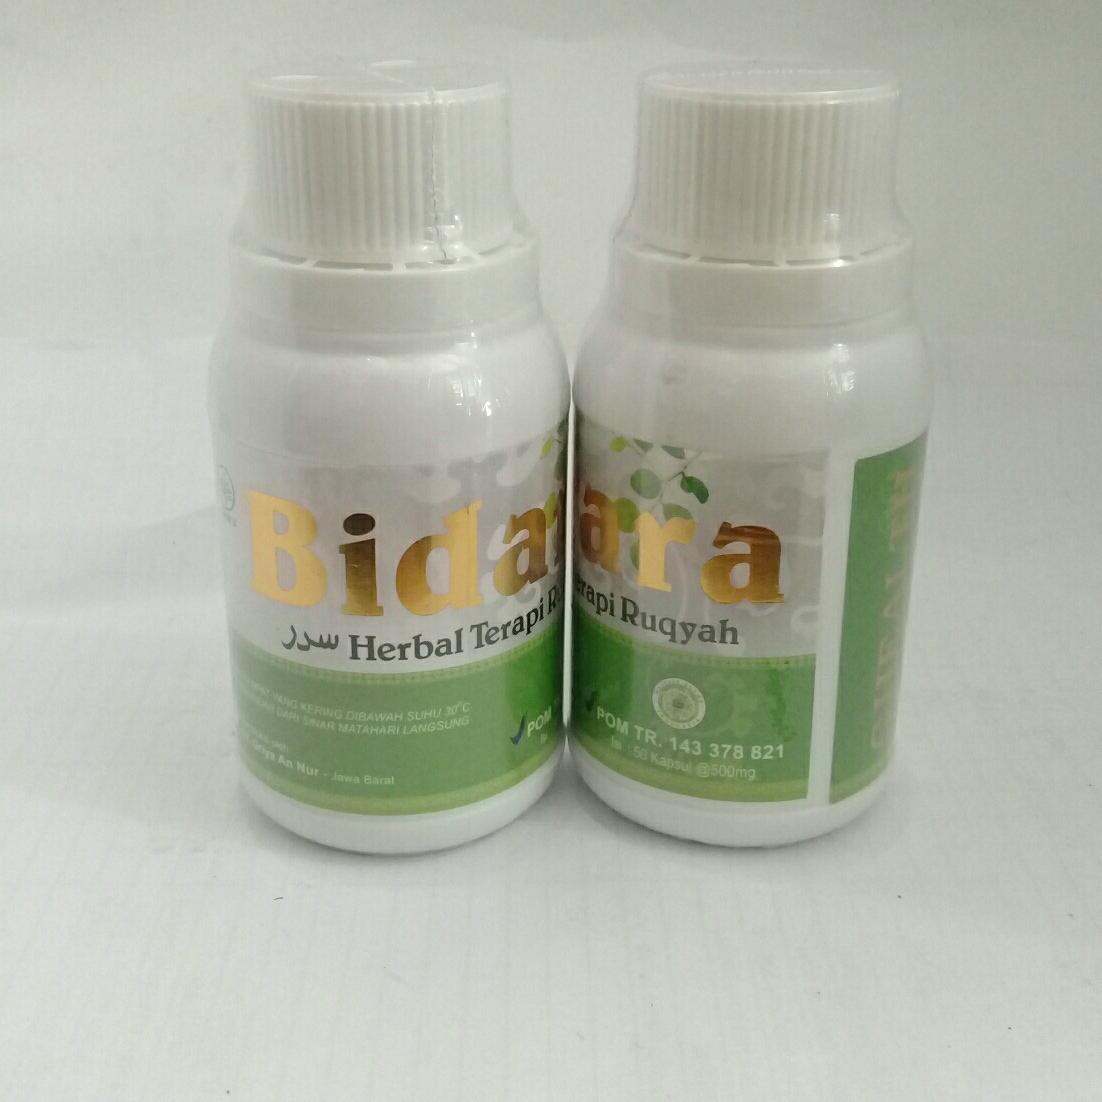 Buy Sell Cheapest Herbal Kapsul Extrak Best Quality Product Deals Green Coffekopi Pelangsing Original Bpom Jual Daun Bidara Terapi Ruqyah